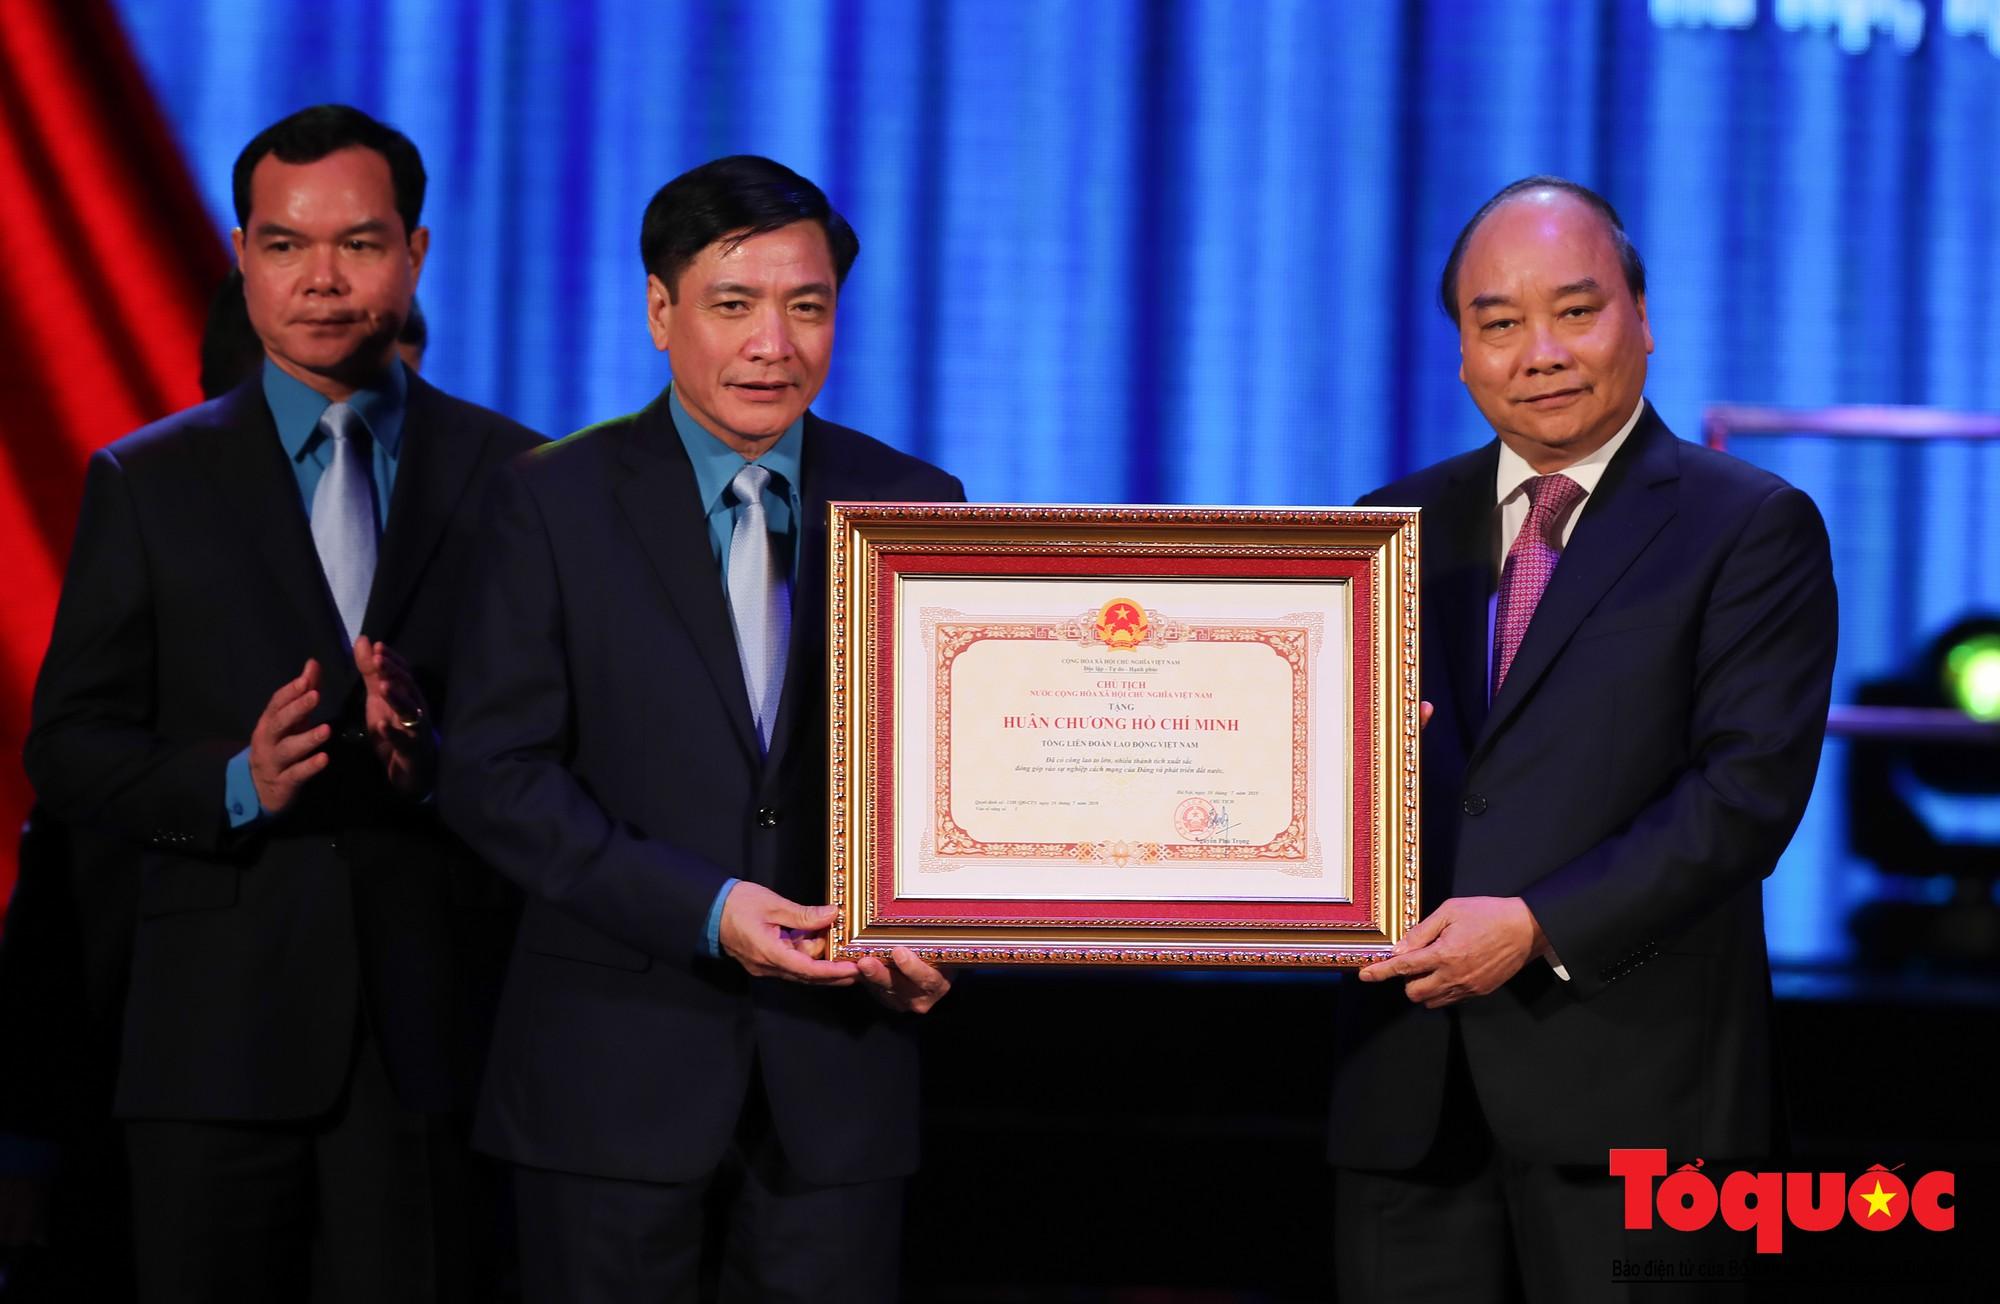 Long trọng Lễ kỷ niệm 90 năm Ngày thành lập Công đoàn Việt Nam (14)